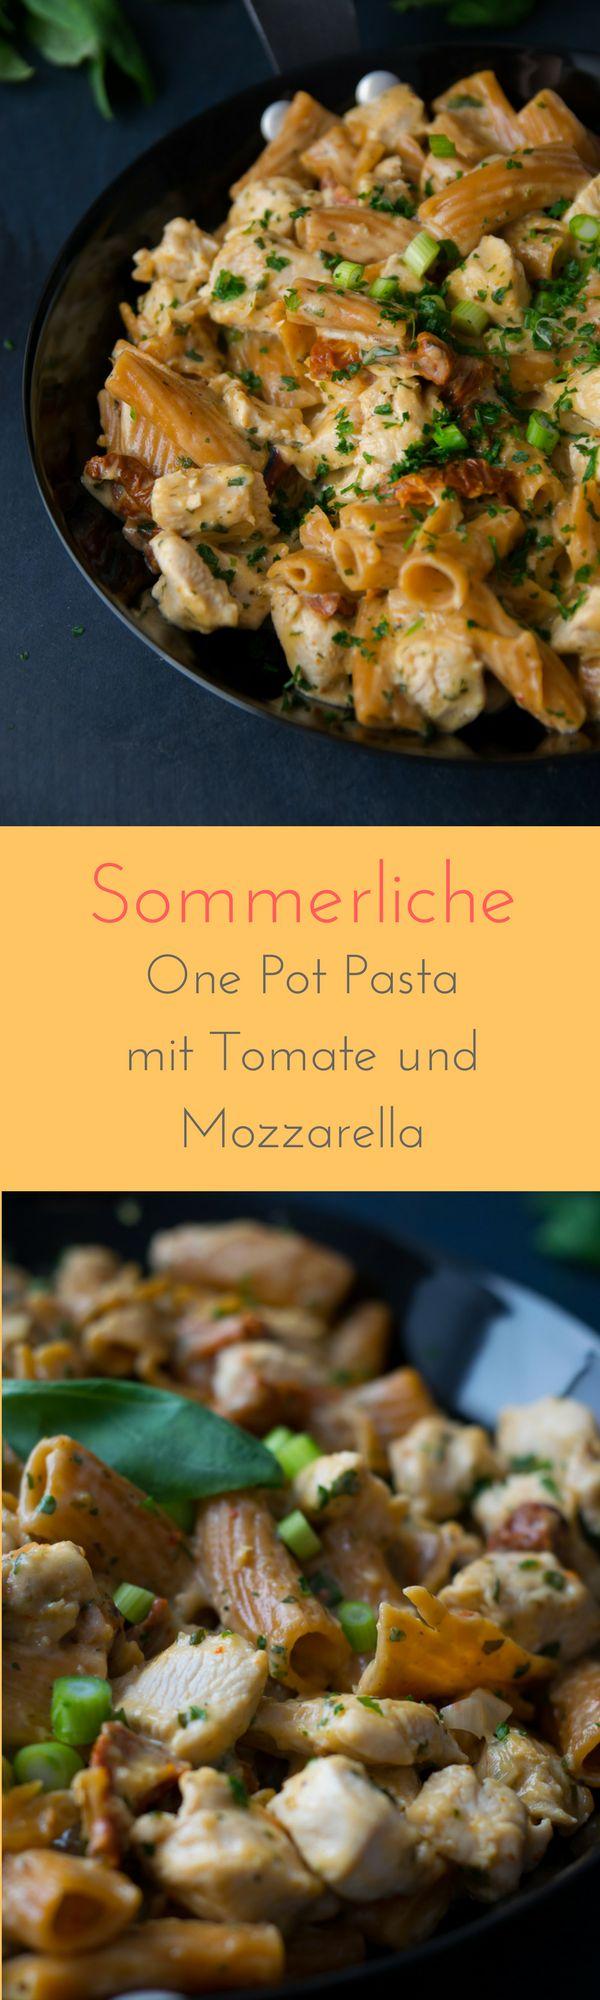 Sommerliche One Pot Pasta mit Hähnchen, Tomaten und Mozzarella